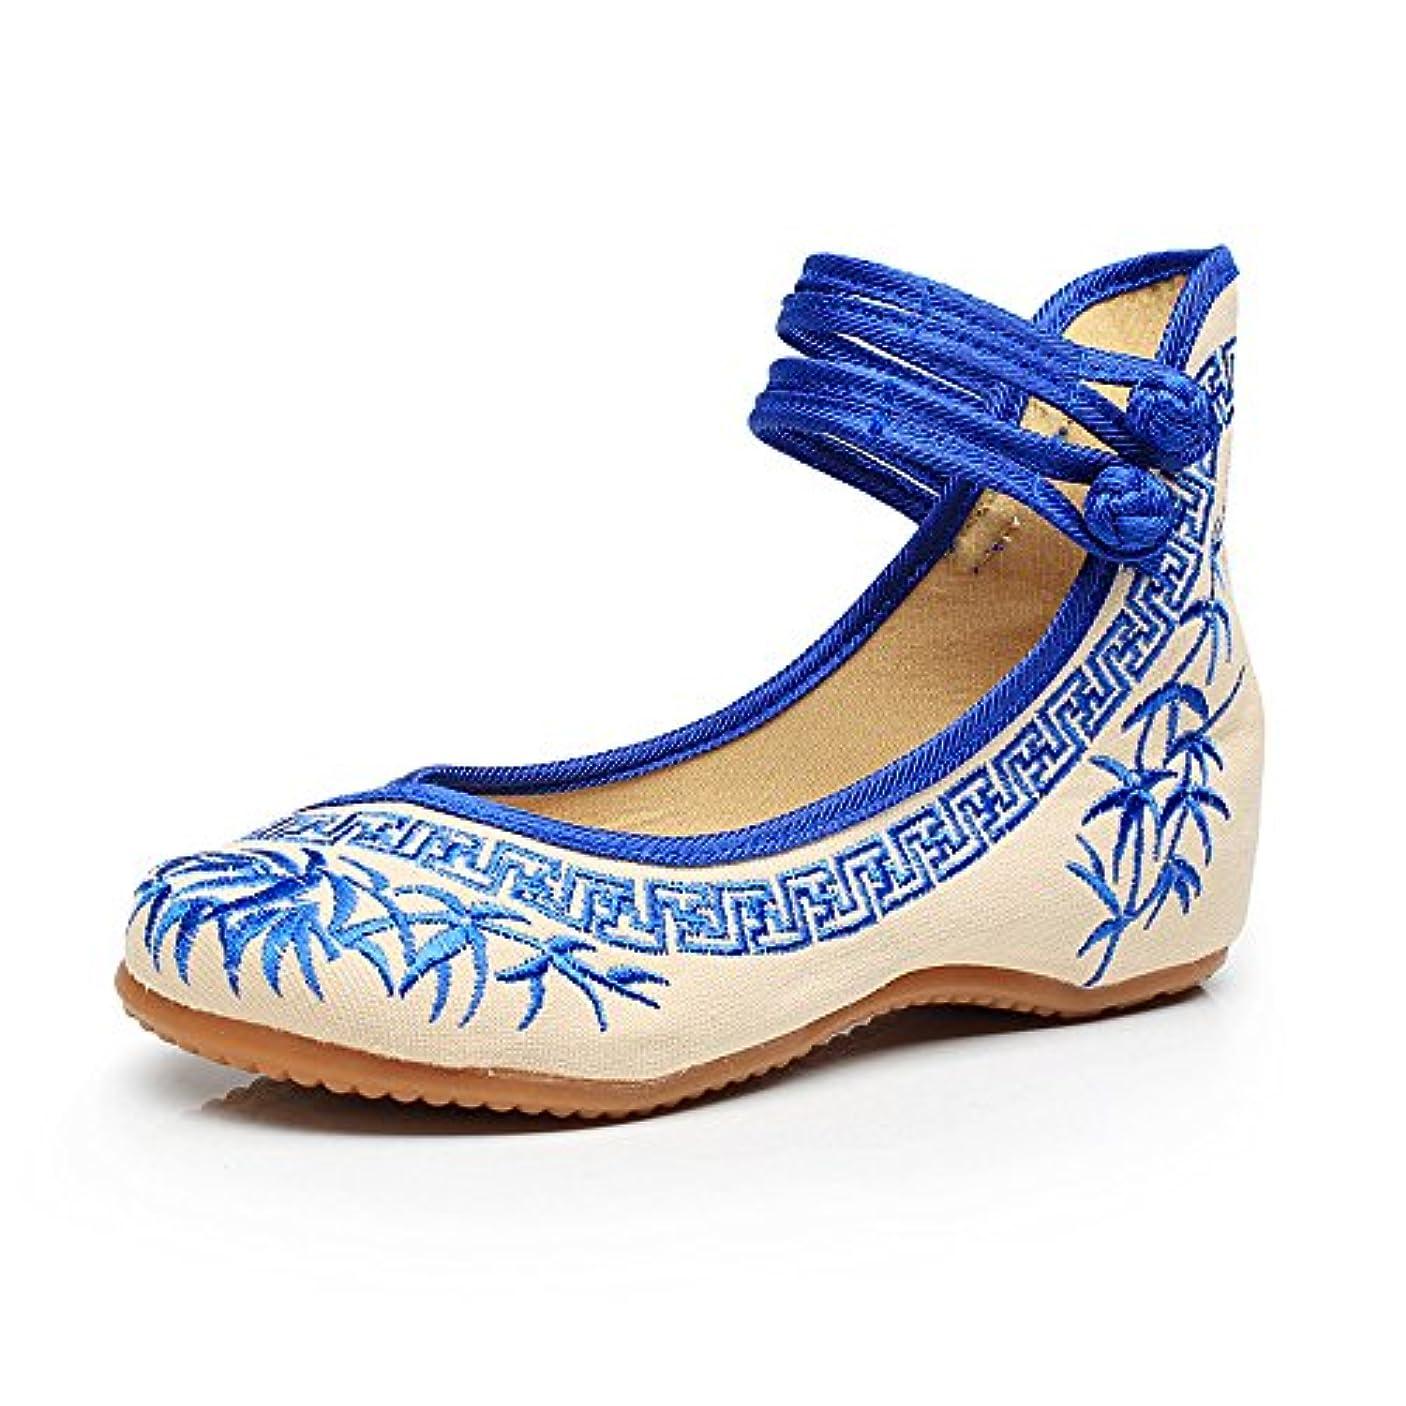 人物腕デイジー[Fanwer] 竹刺繍女性の靴中国のカジュアルなフラットソールメアリーJanes靴